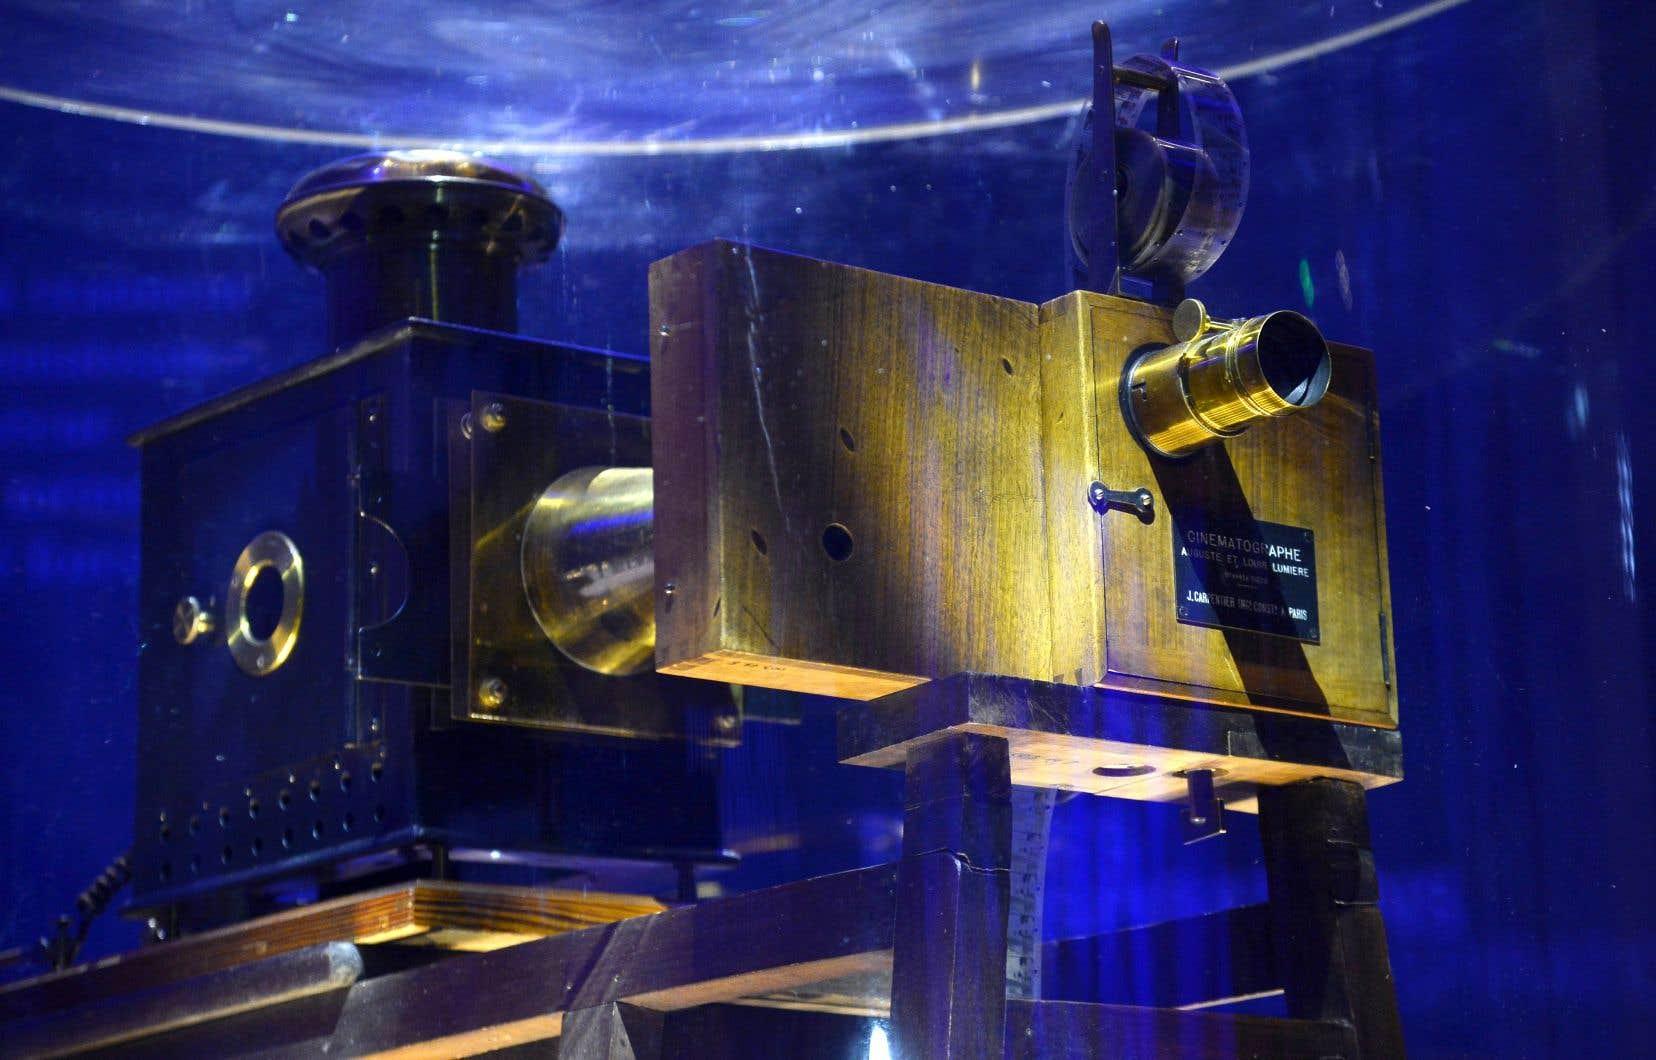 Le Cinématographe des frères Lumière présenté lors d'une exposition au musée du Grand Palais à Paris en 2015